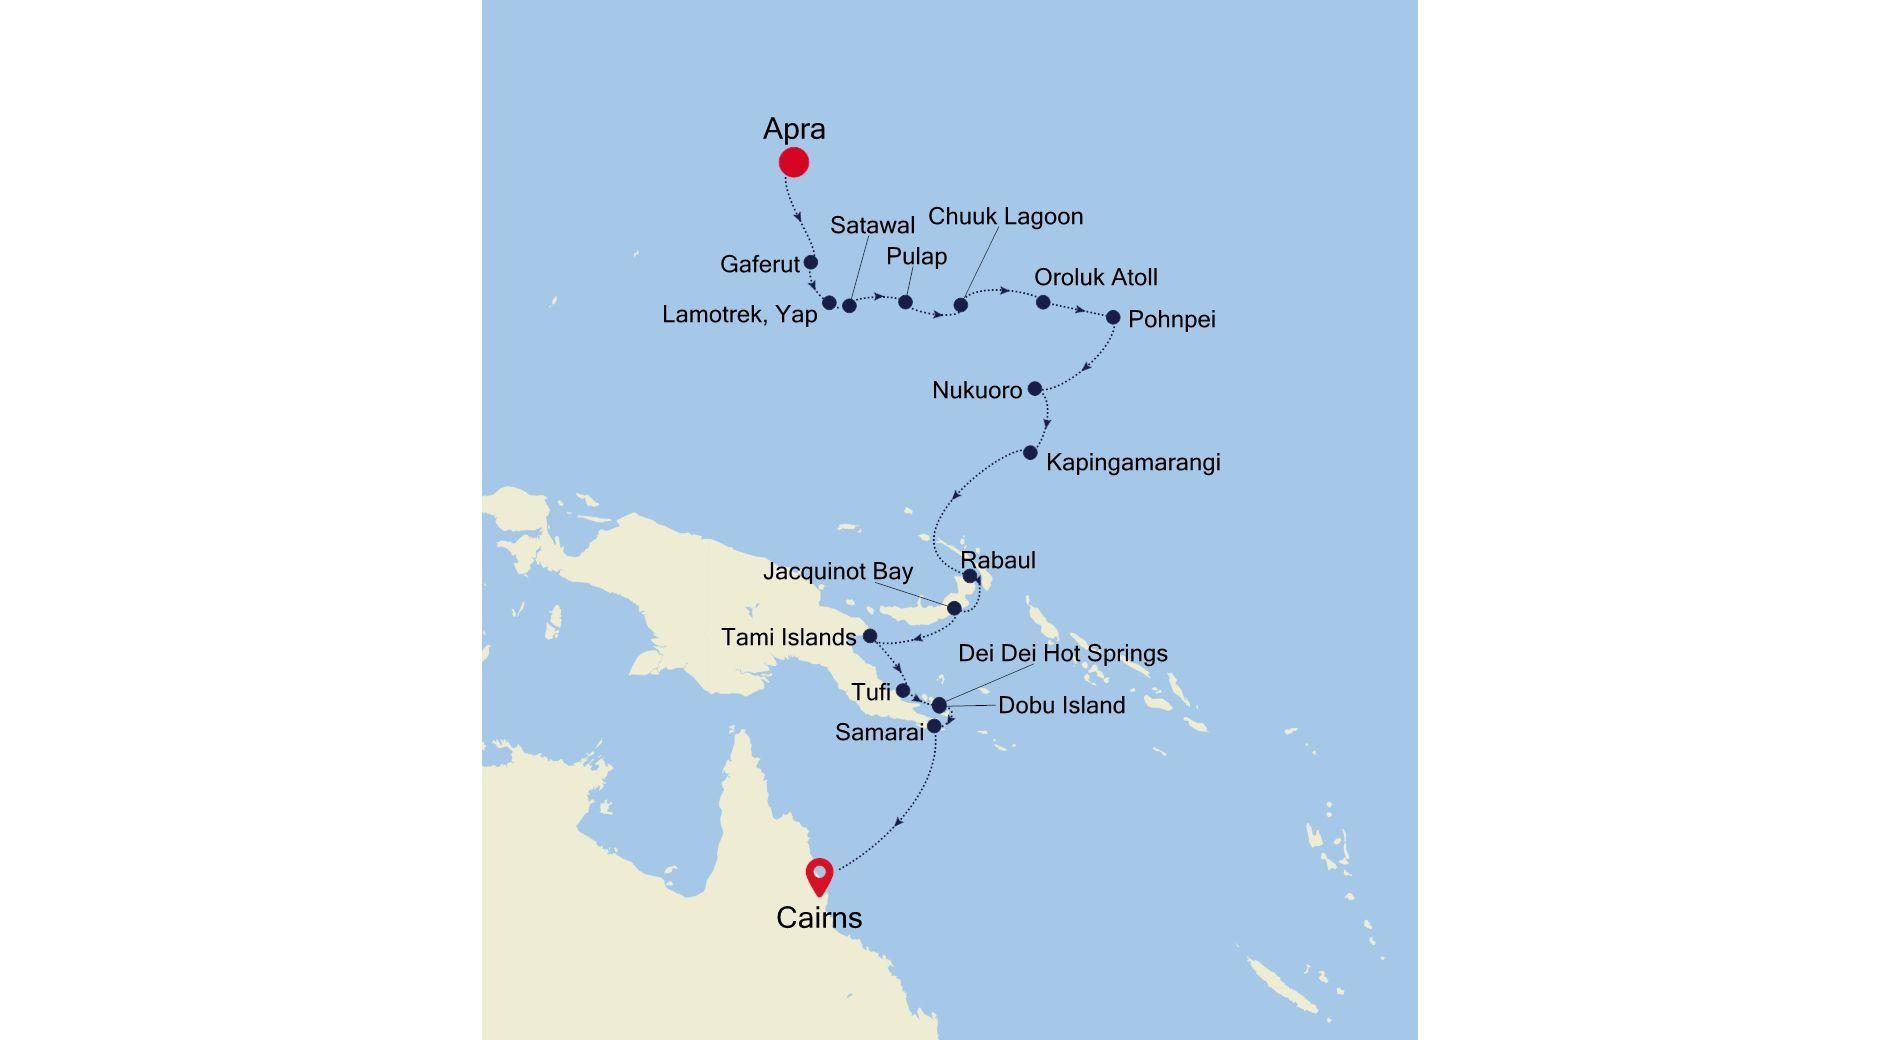 E1210409019 - Apra to Cairns